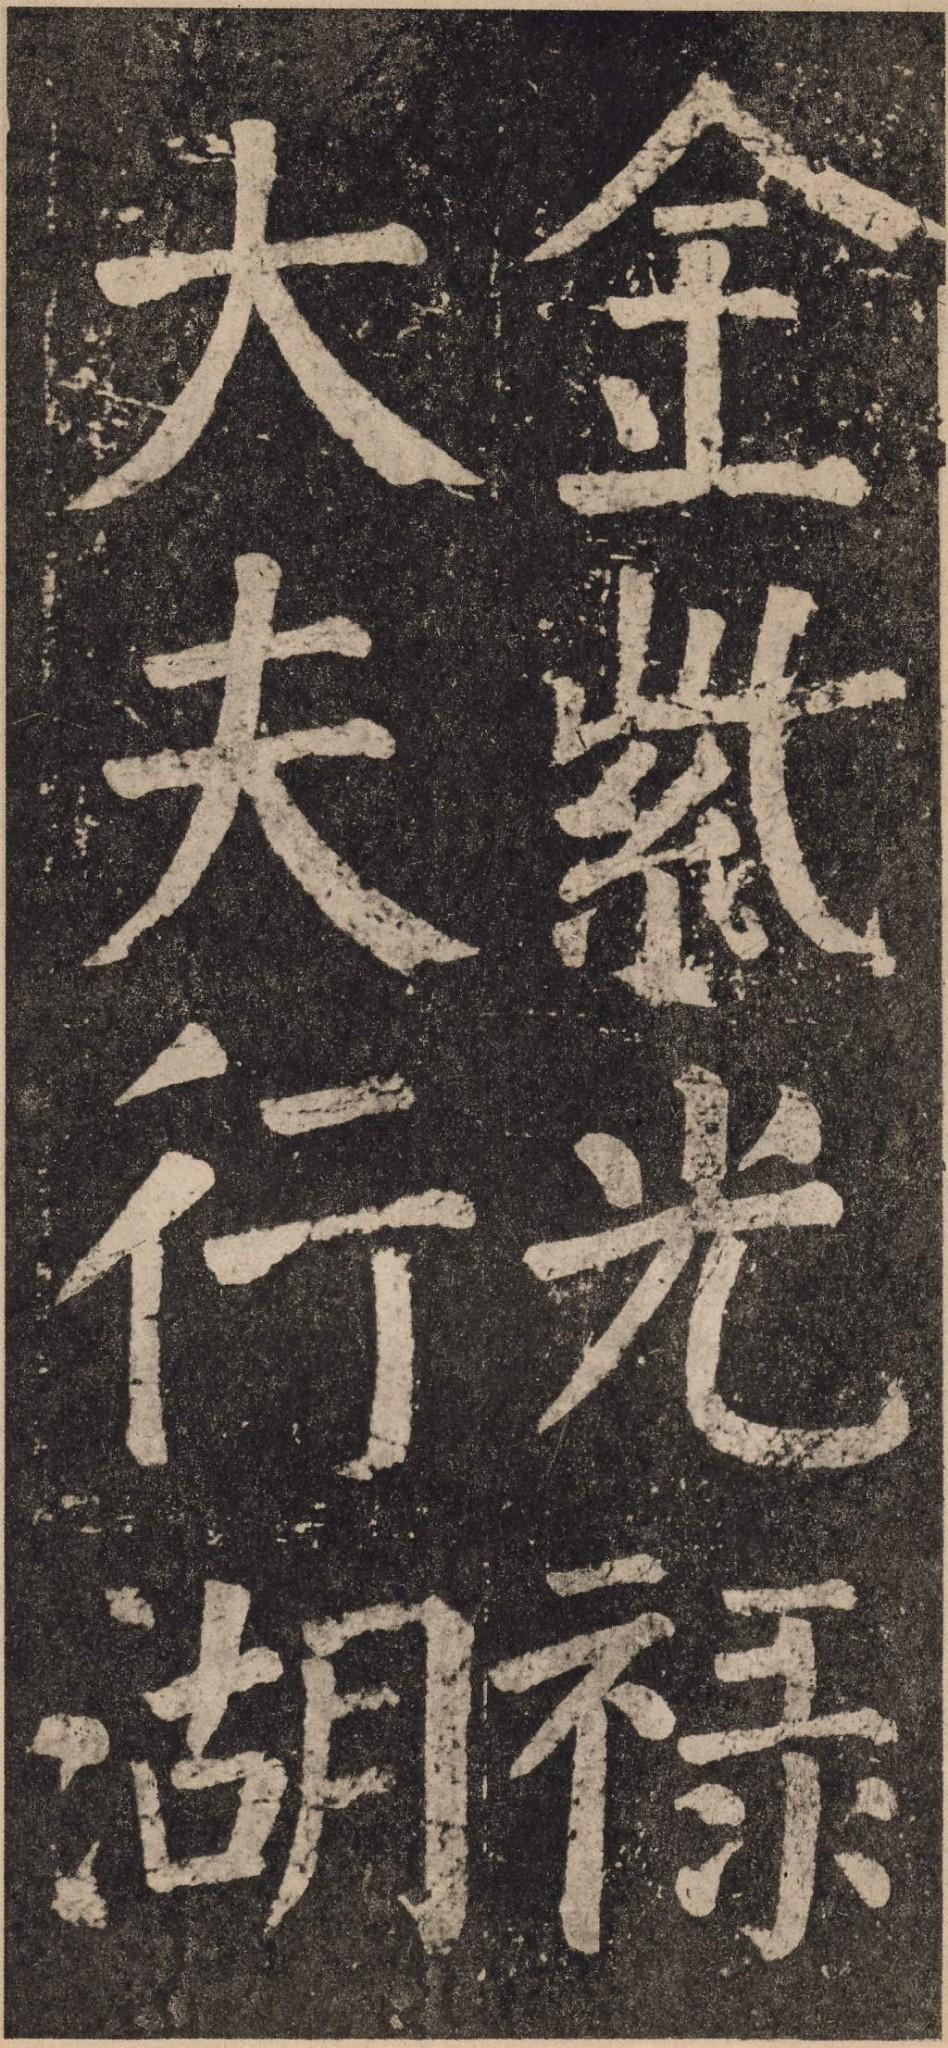 Nhan Chân Khanh (Lý huyền tĩnh bia)